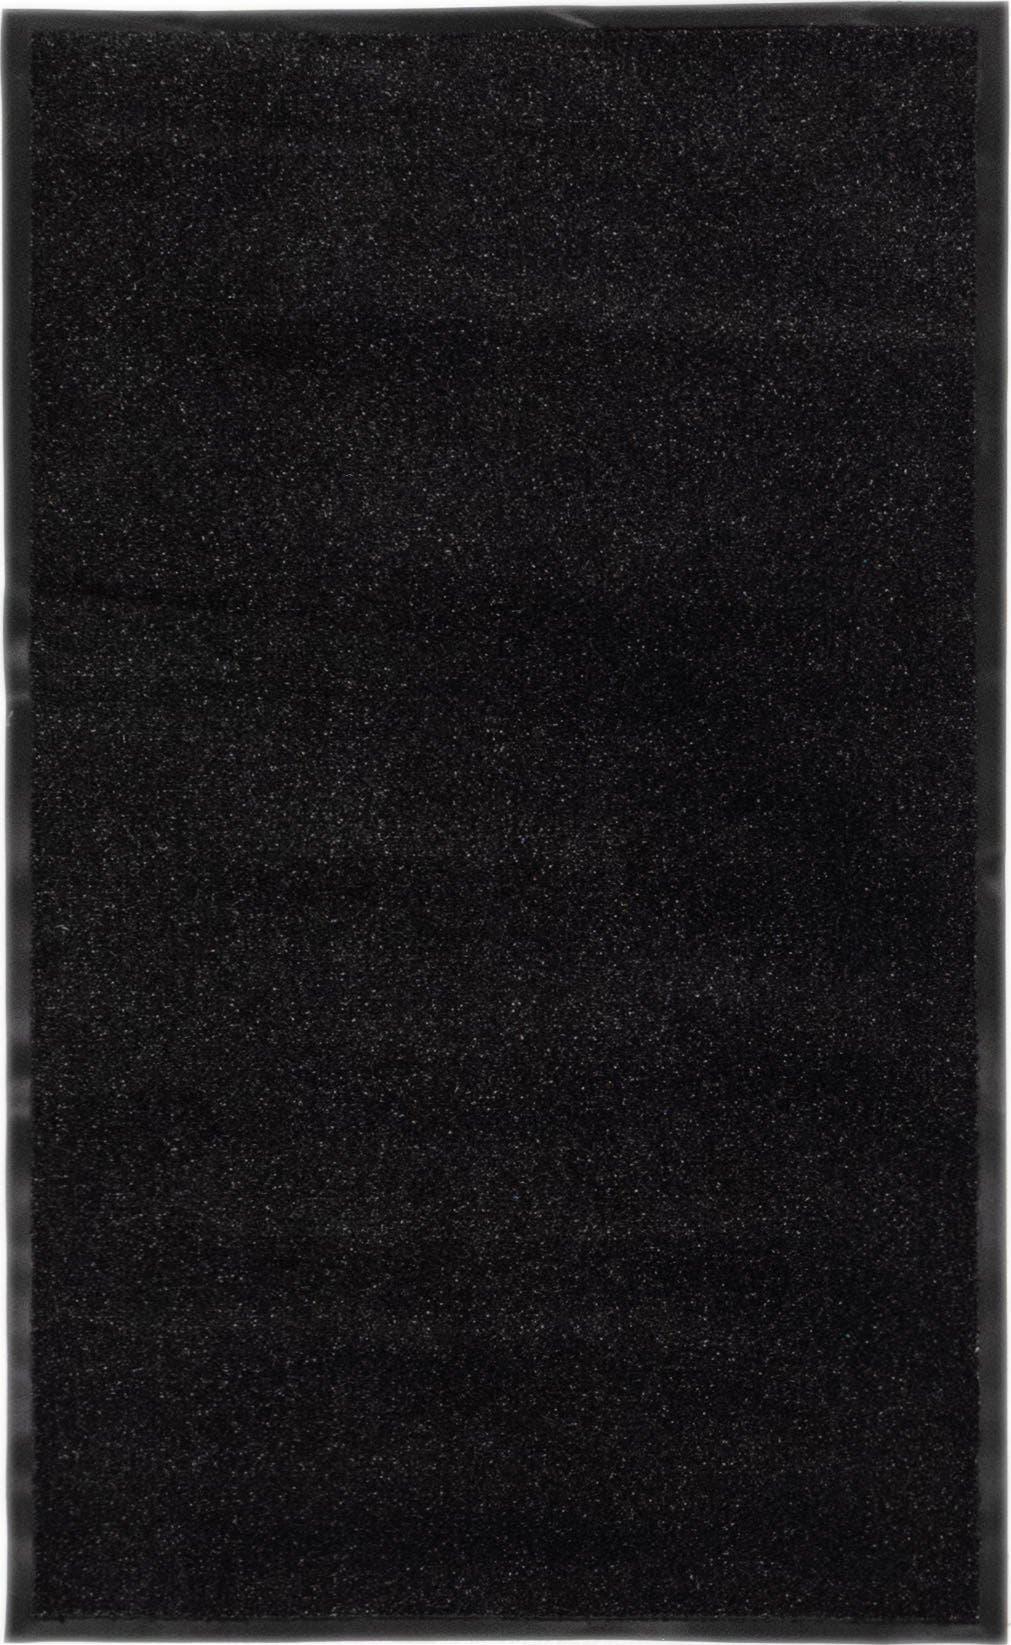 3' x 4' 10 Doormat Rug main image